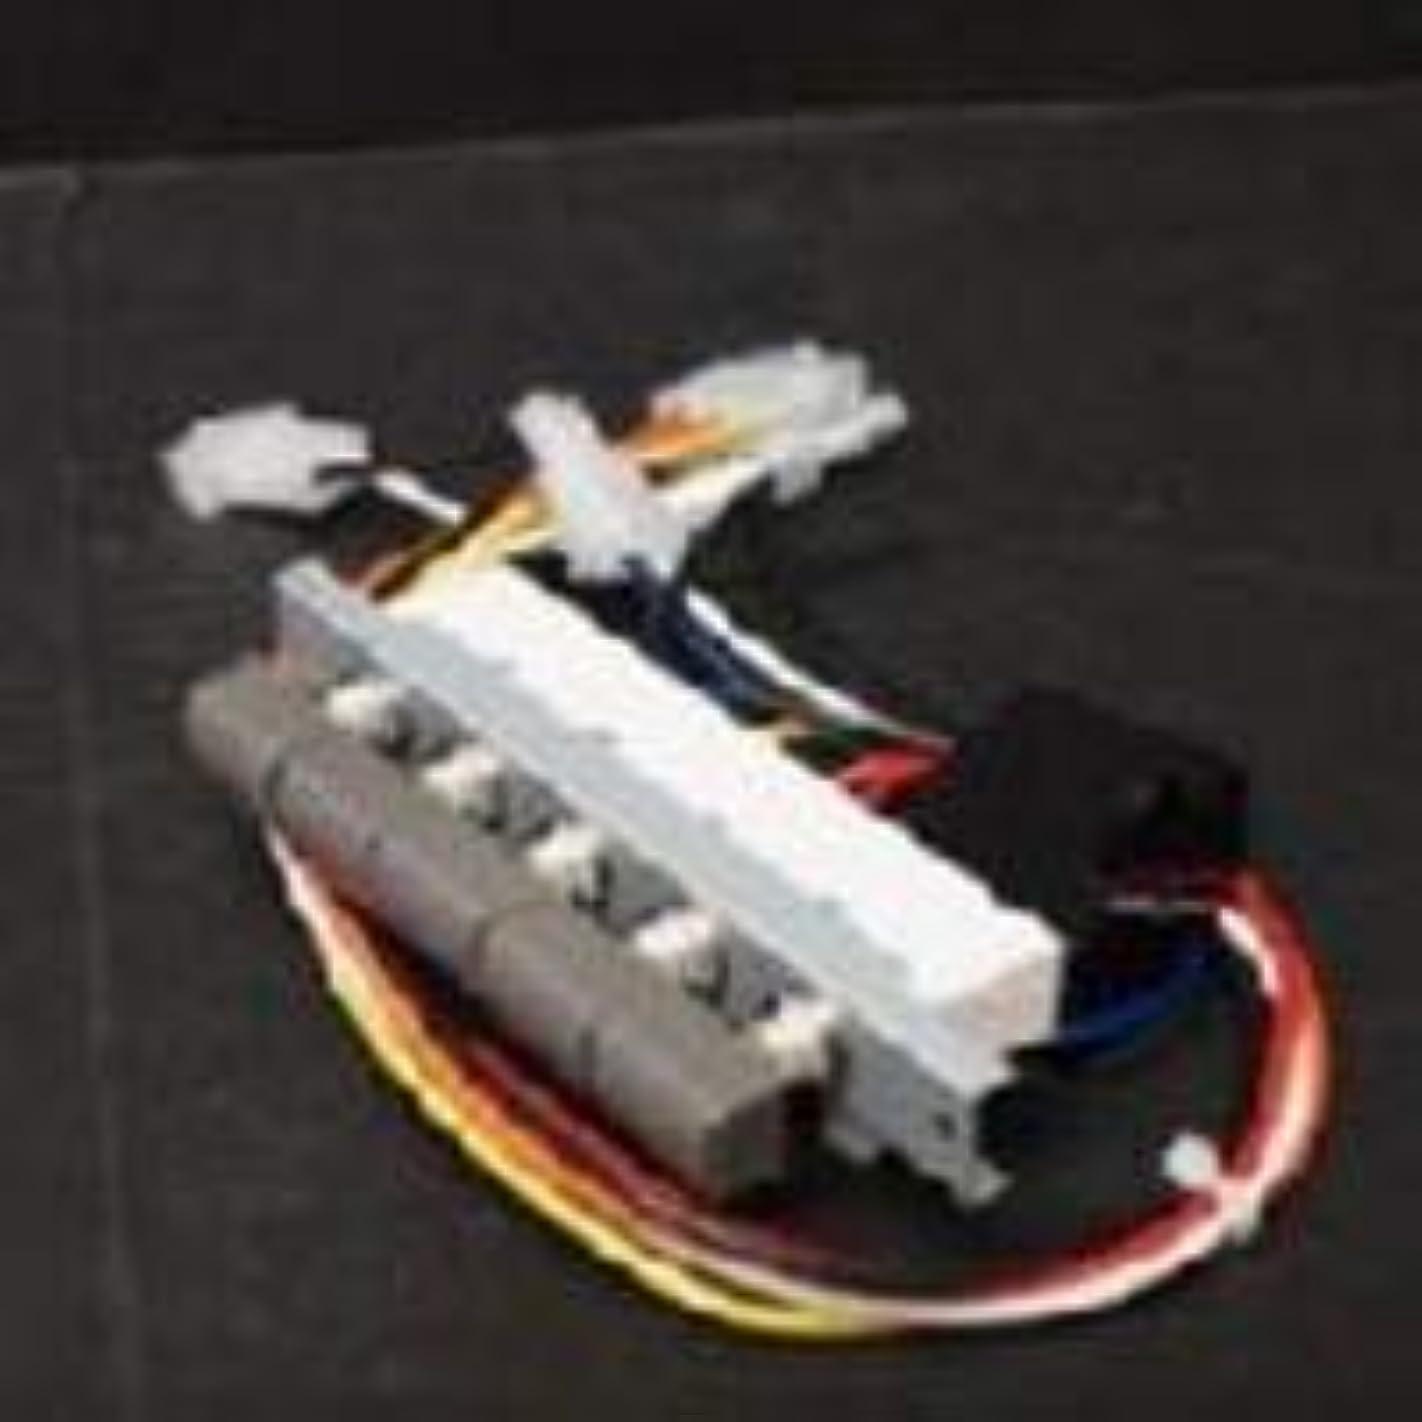 誘発するずるい販売員タカラスタンダード レンジフード用スイッチ VMH601スイッチクミ 10225009